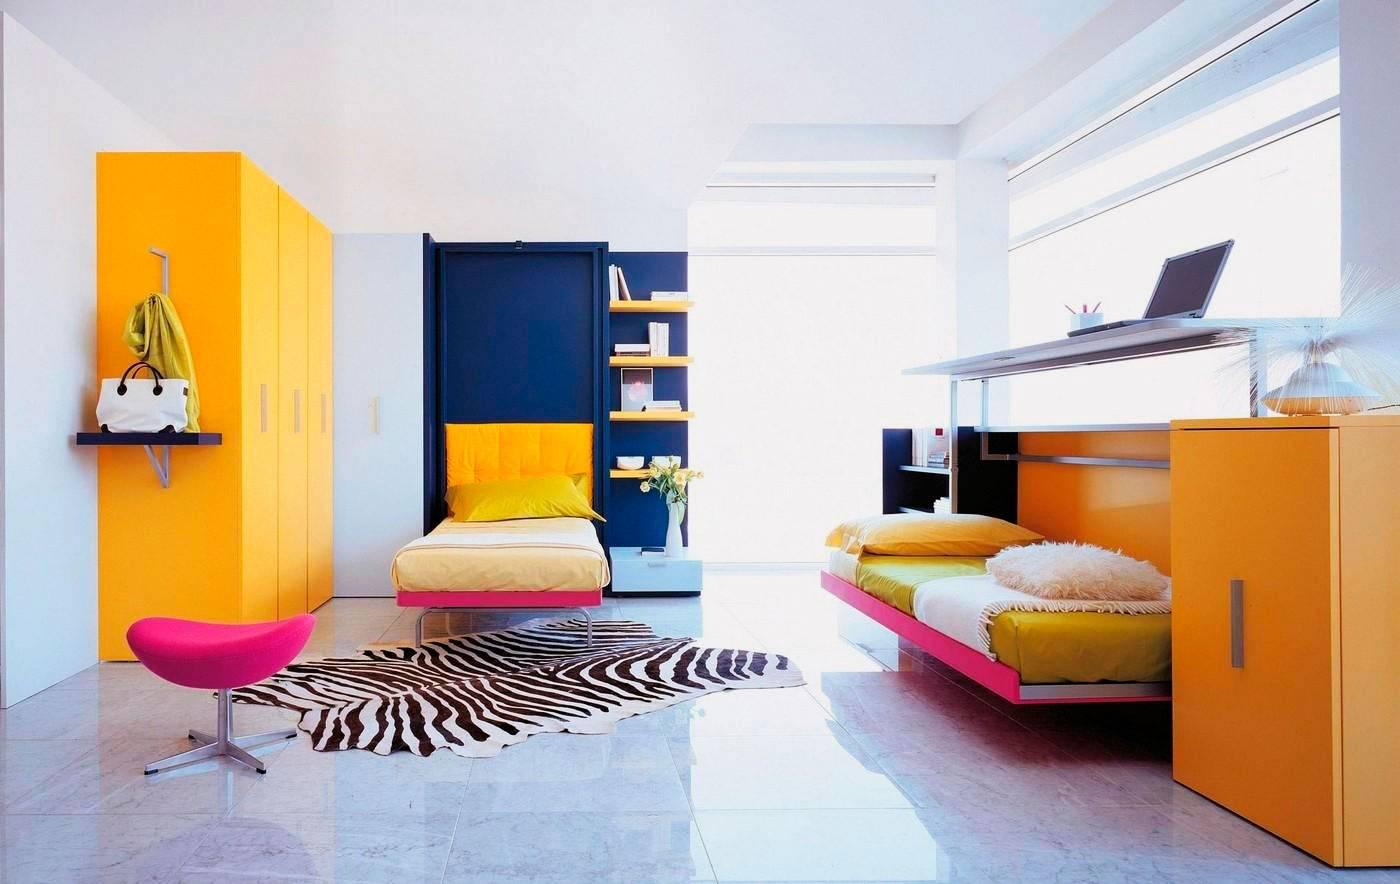 75 оригинальных вариантов дизайна 3-х комнатной квартиры в фото